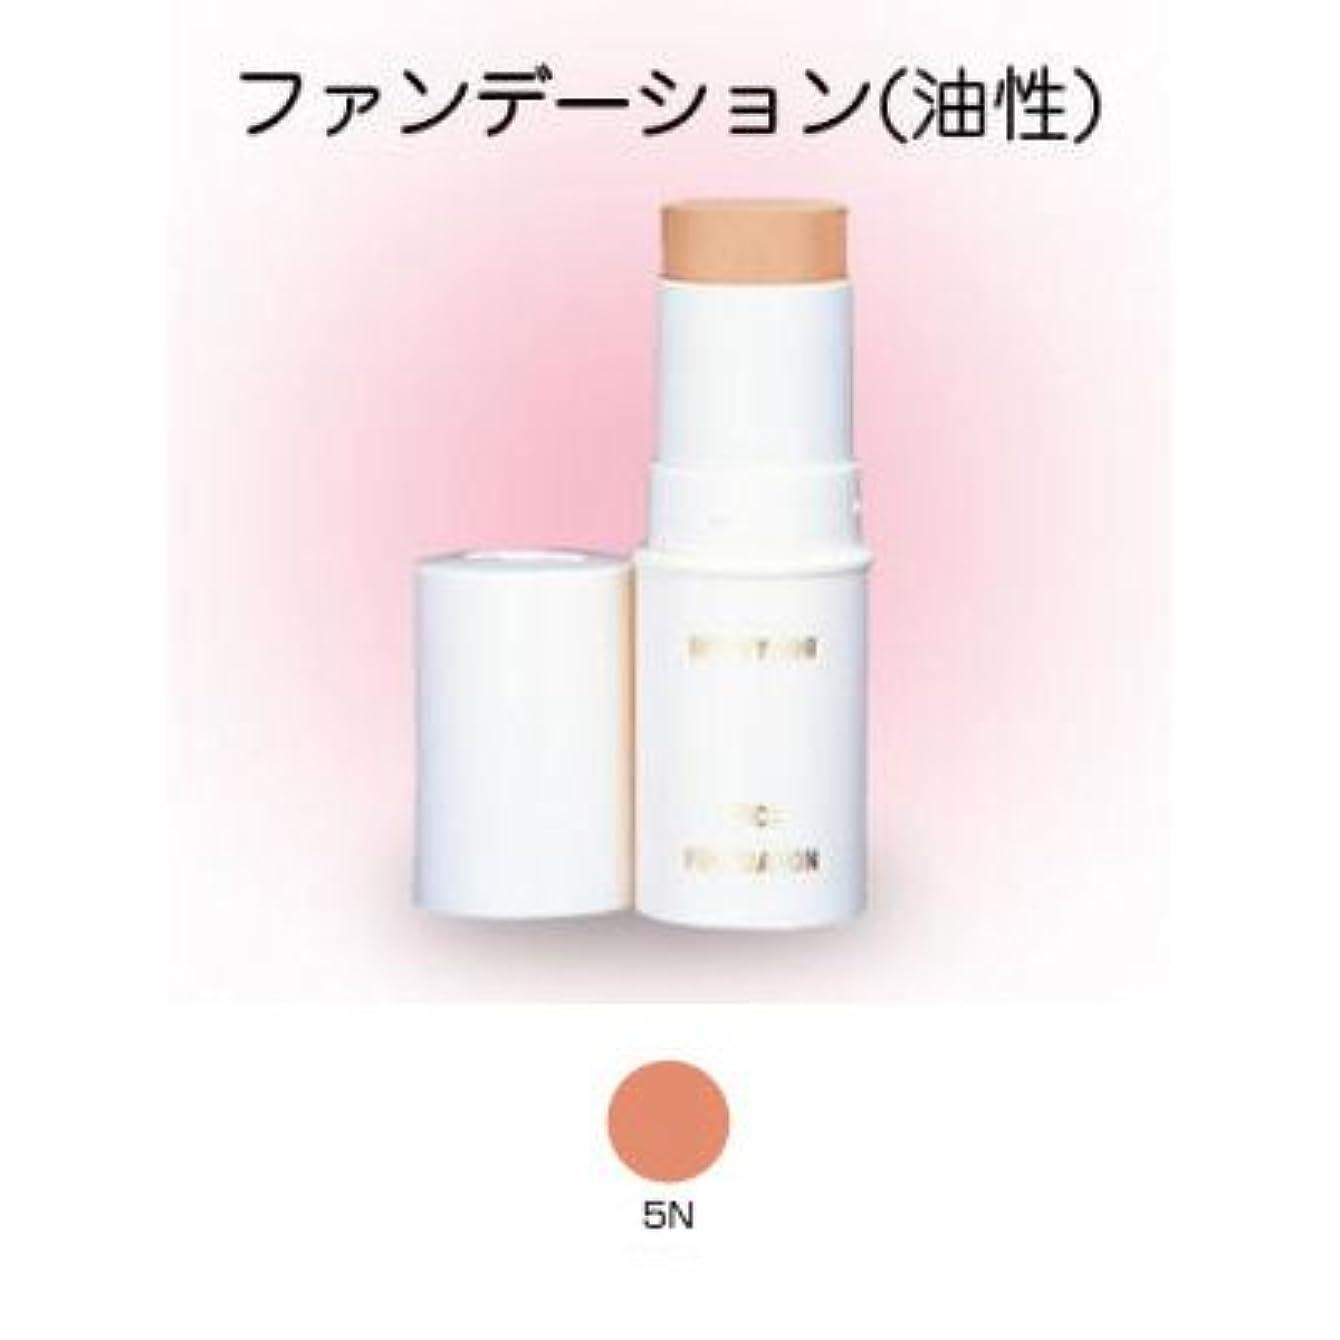 スティックファンデーション 16g 5N 【三善】